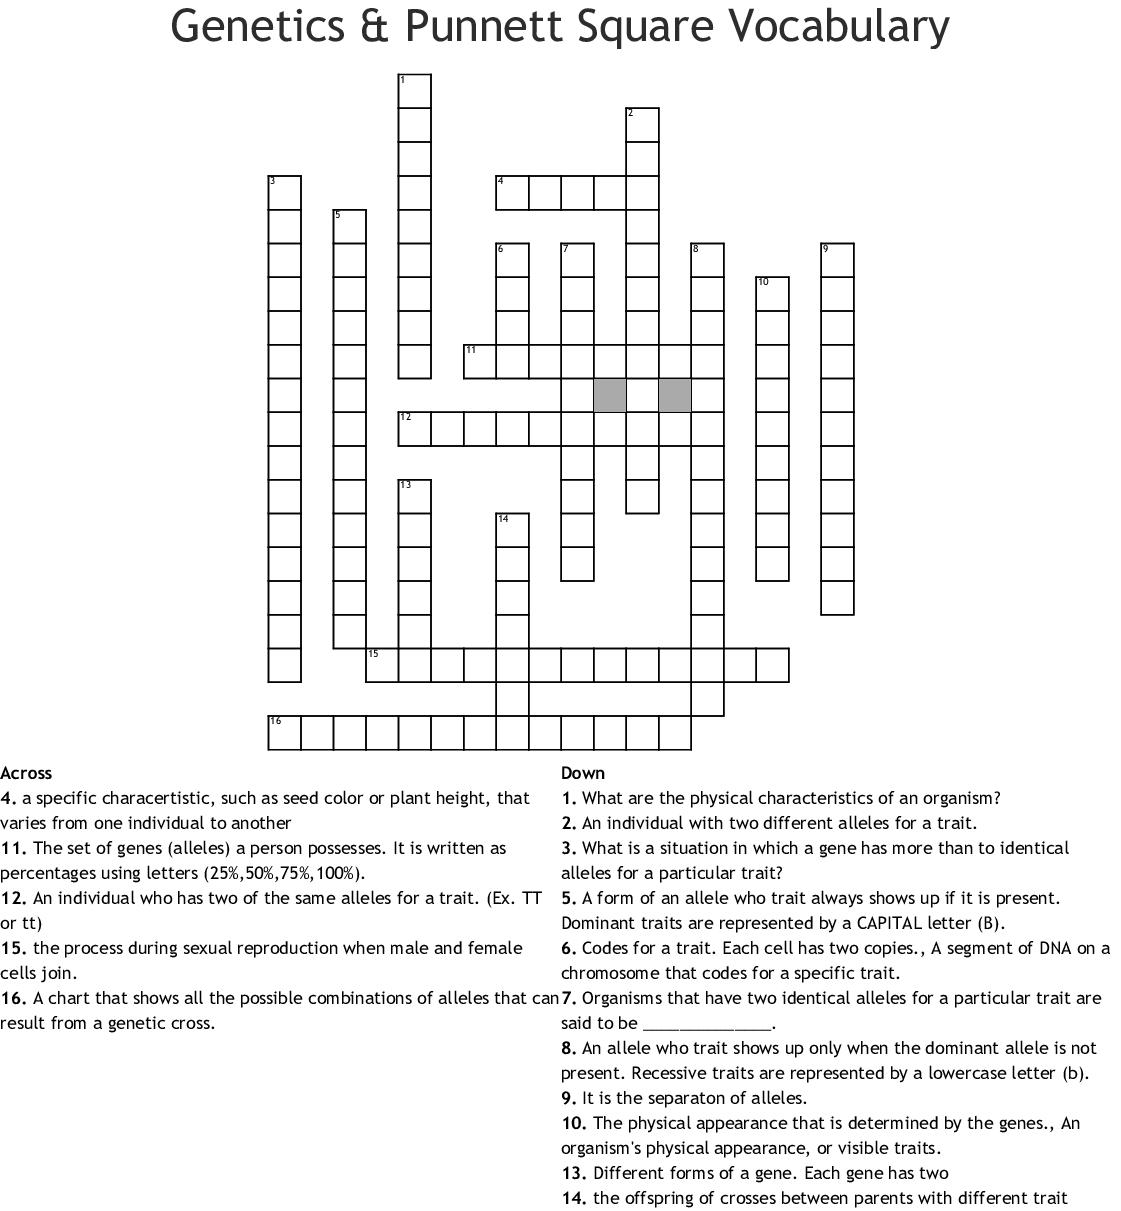 Genetics Amp Punnett Square Vocabulary Crossword